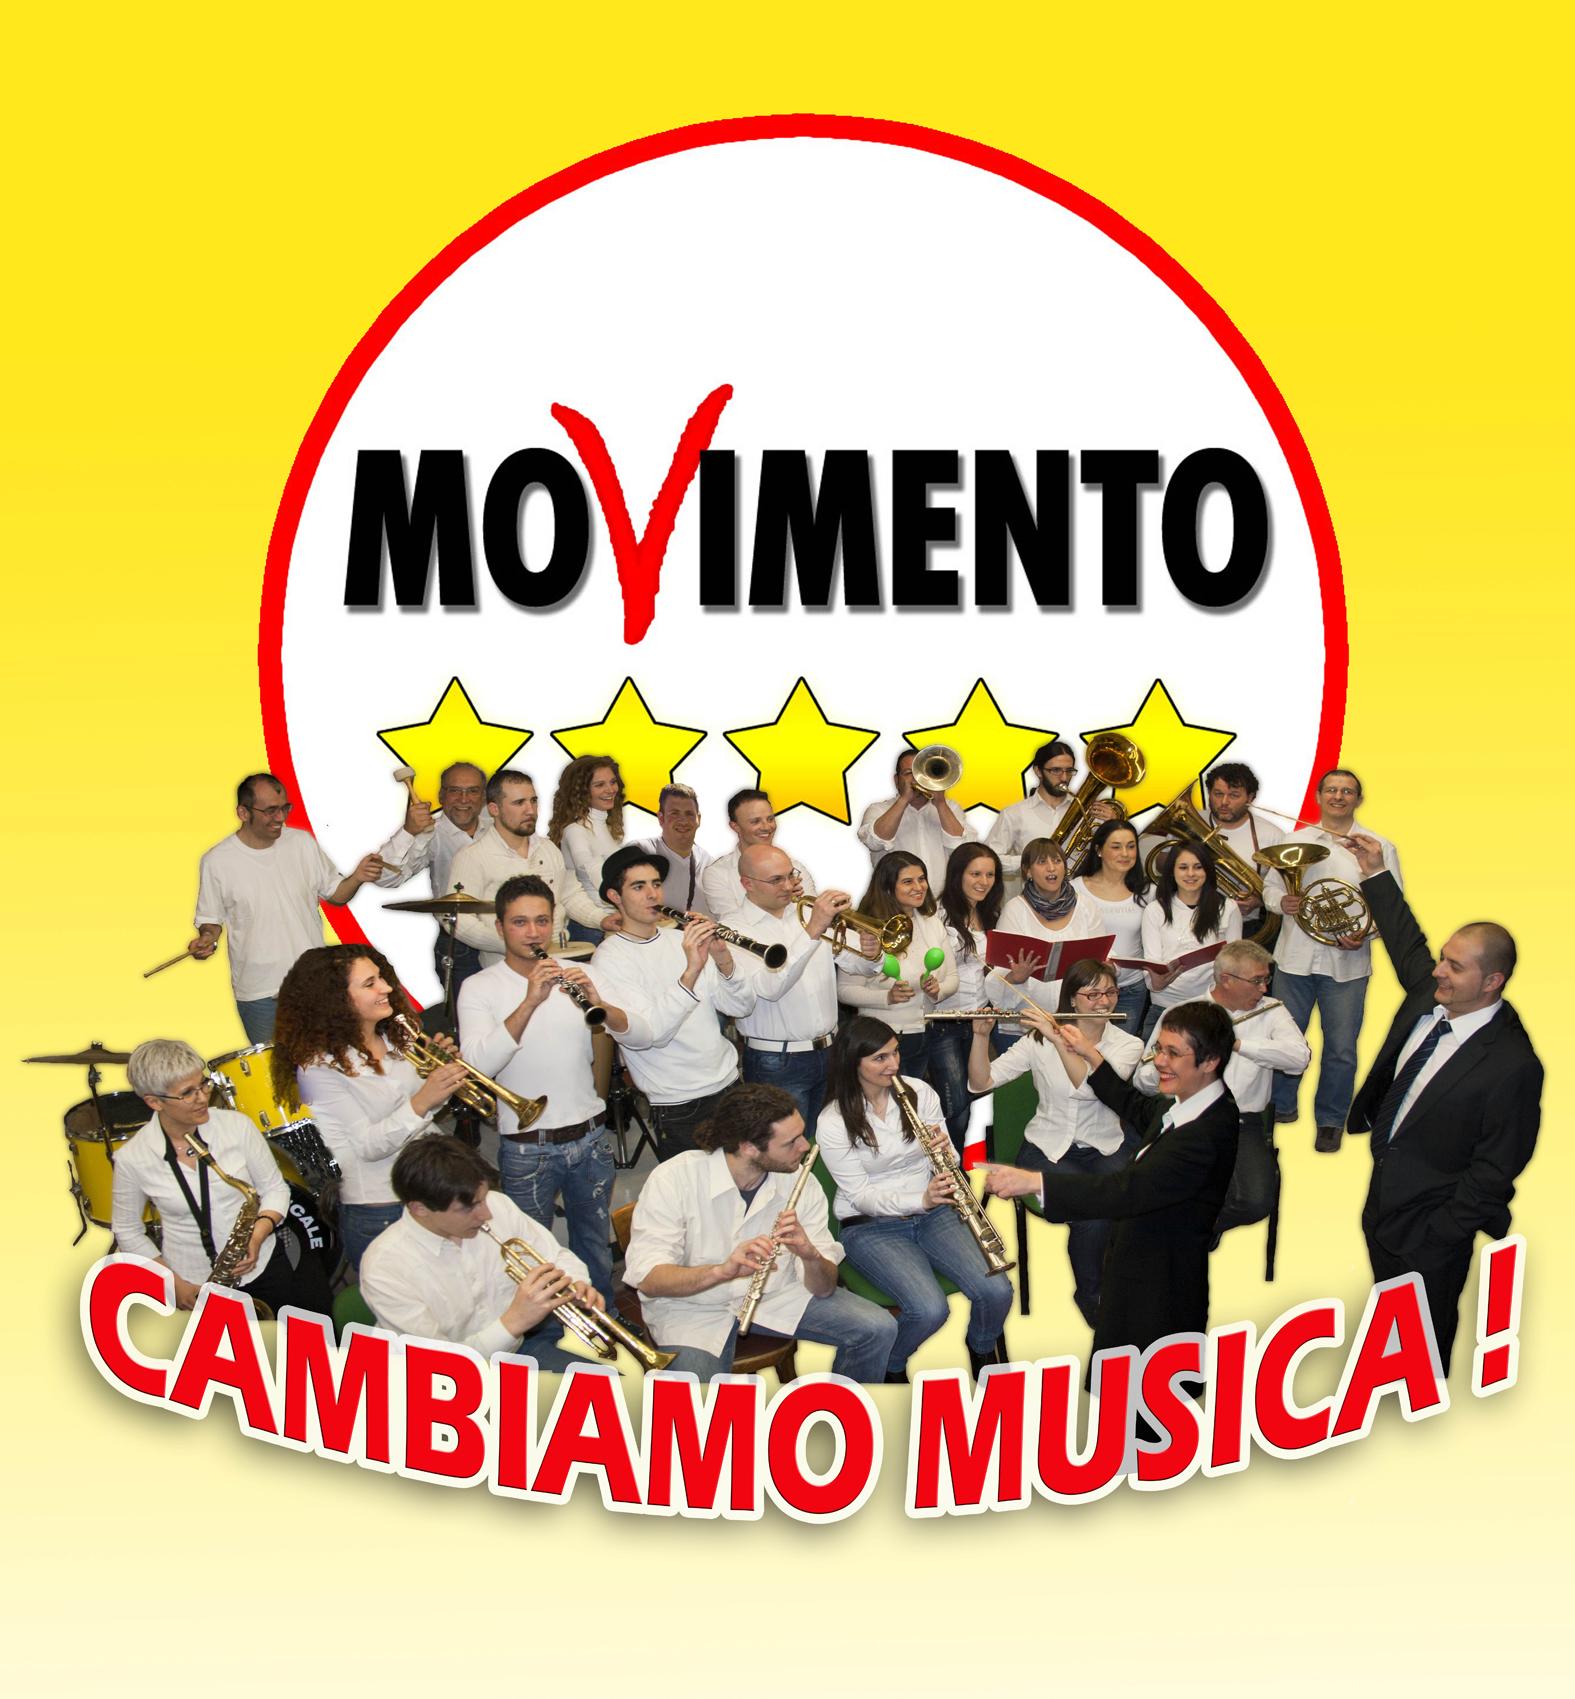 Cambiamo-Musica-Movimento-5-Stelle-Rovigo